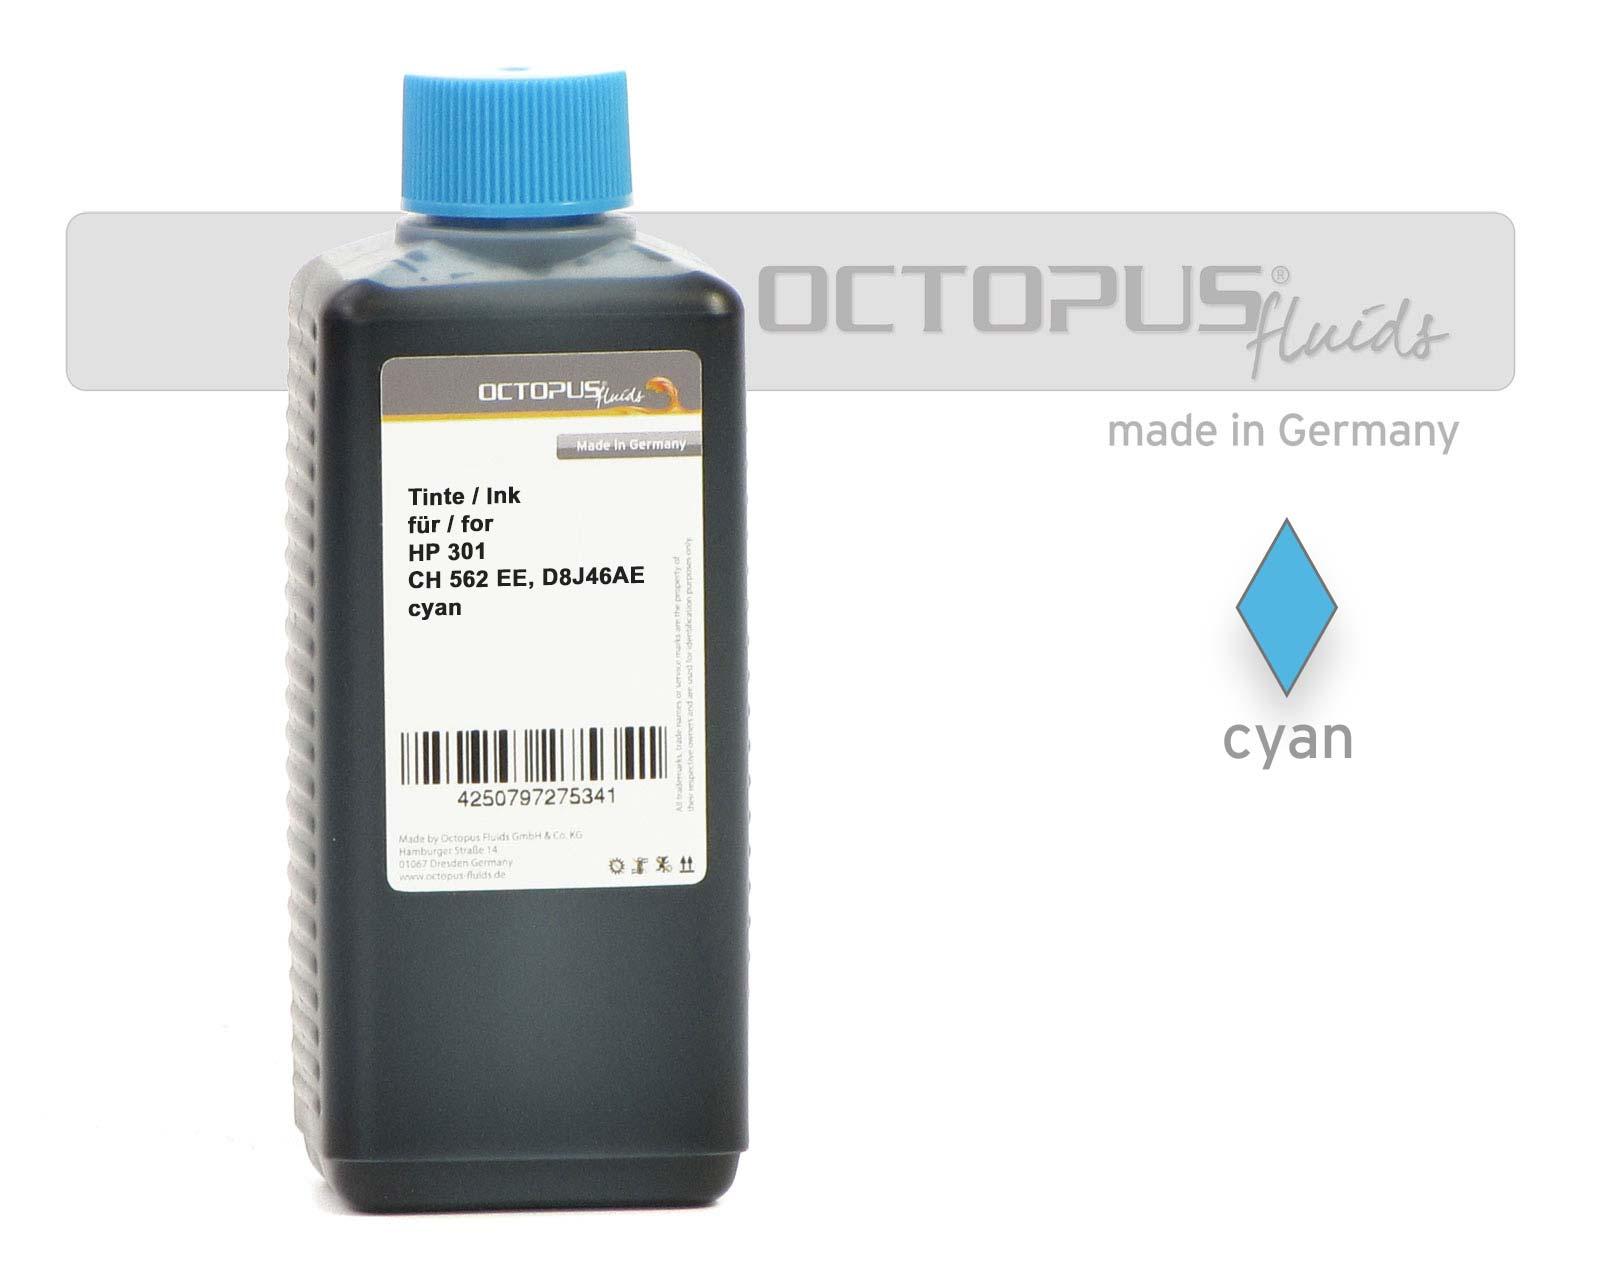 Druckertinte für HP 301, CH 562 EE, D8J46AE Druckerpatronen cyan